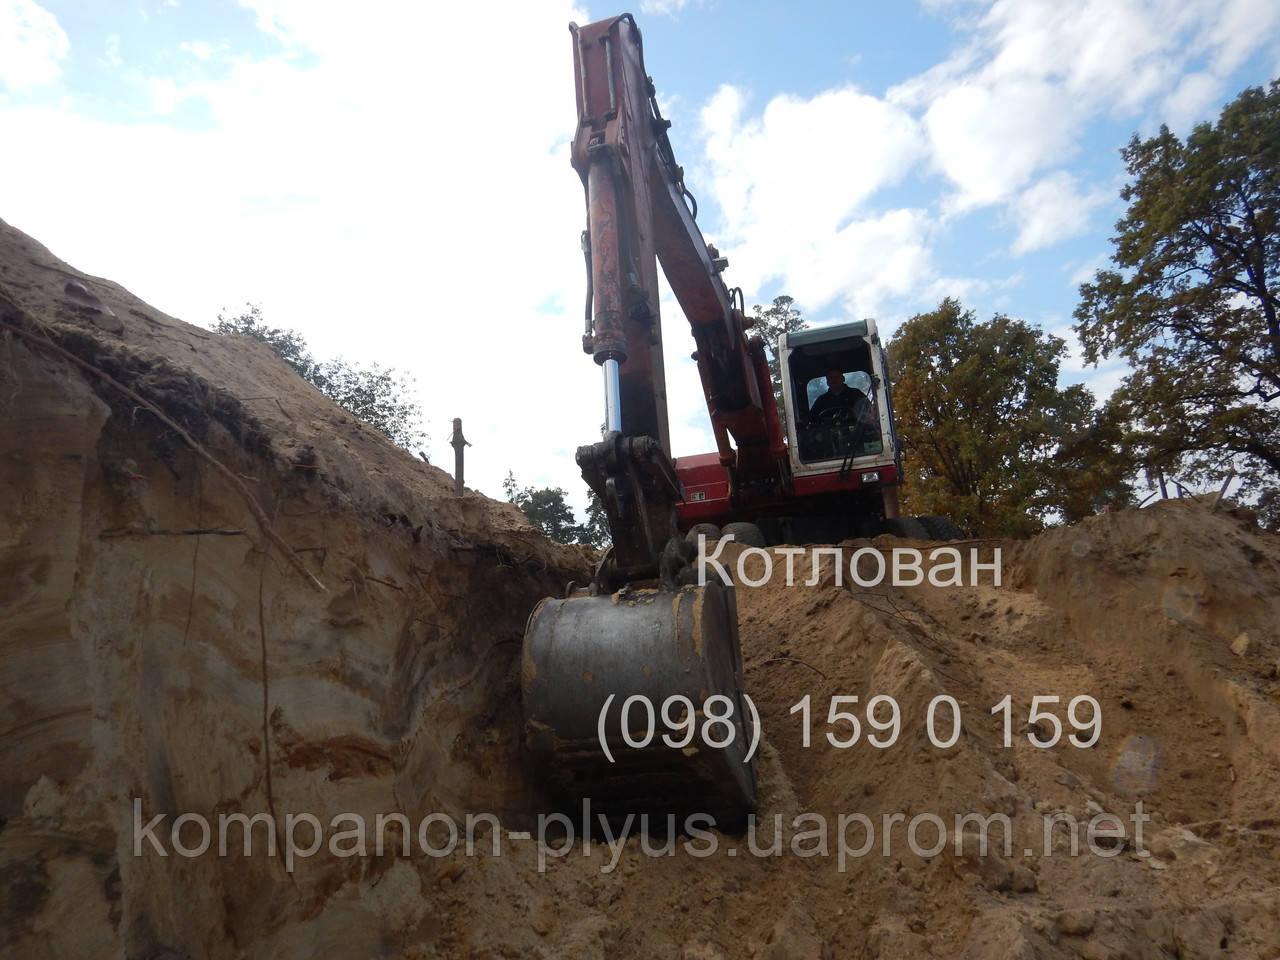 Розробка грунту (098) 159 159 0